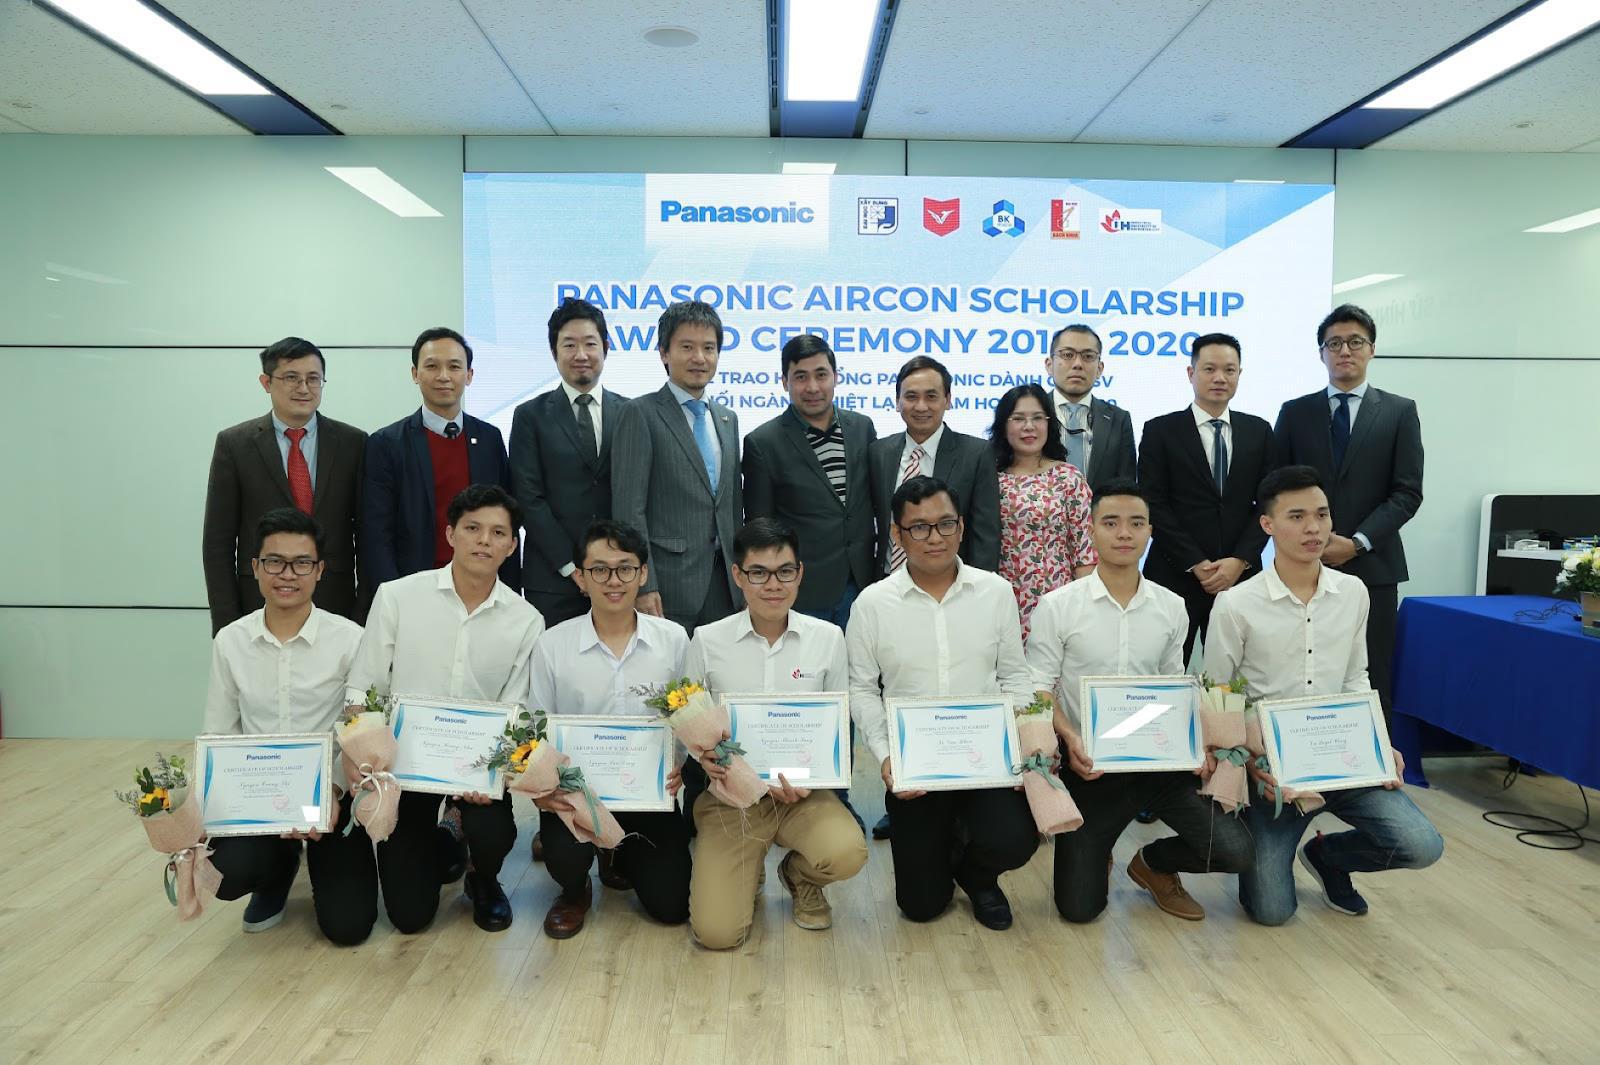 9X vượt qua hàng trăm ứng viên để nhận học bổng của tập đoàn lớn và cơ hội làm việc có 1-0-2 - Ảnh 3.